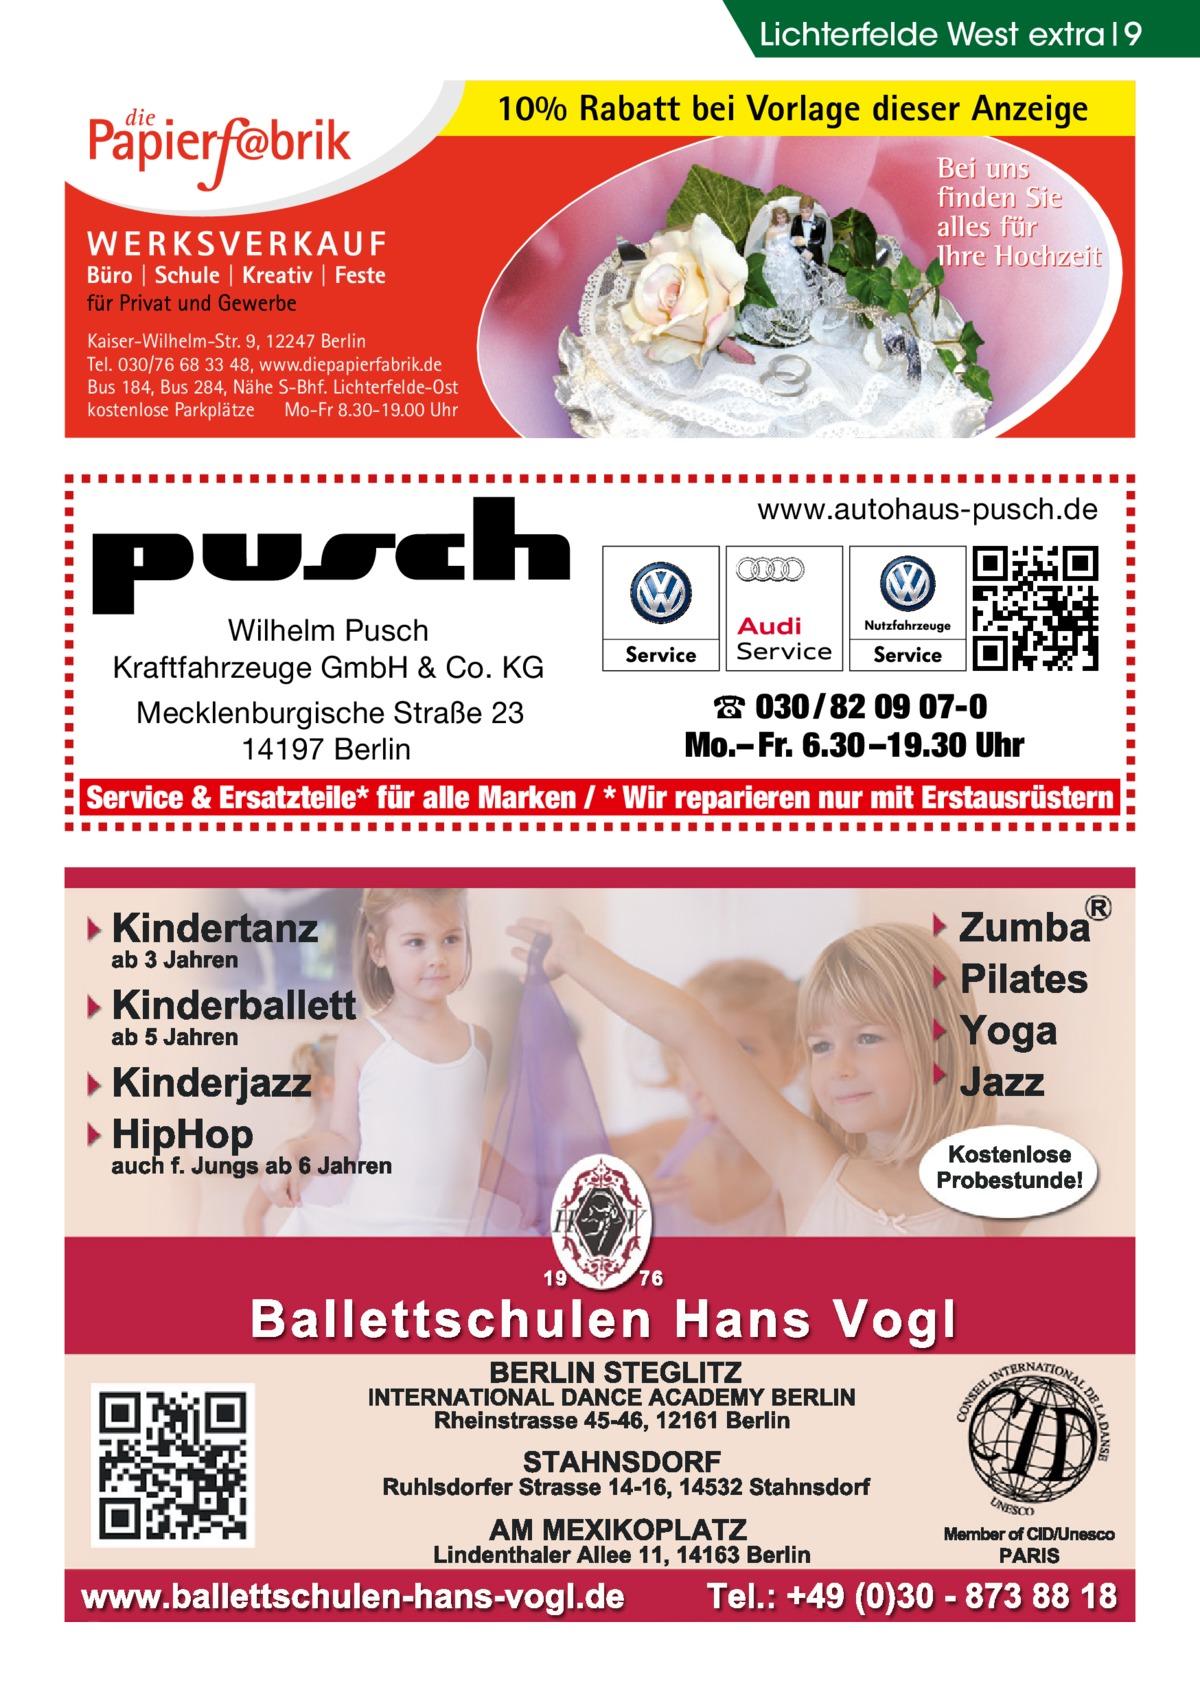 Lichterfelde West extra 9  10% Rabatt bei Vorlage dieser Anzeige  Kaiser-Wilhelm-Str. 9, 12247 Berlin Tel. 030/76 68 33 48, www.diepapierfabrik.de Bus 184, Bus 284, Nähe S-Bhf. Lichterfelde-Ost kostenlose Parkplätze Mo-Fr 8.30-19.00 Uhr  www.autohaus-pusch.de  Wilhelm Pusch Kraftfahrzeuge GmbH & Co. KG Mecklenburgische Straße 23 14197 Berlin  ☎ 030 / 82 09 07-0 Mo.– Fr. 6.30 –19.30 Uhr  Service & Ersatzteile* für alle Marken / * Wir reparieren nur mit Erstausrüstern